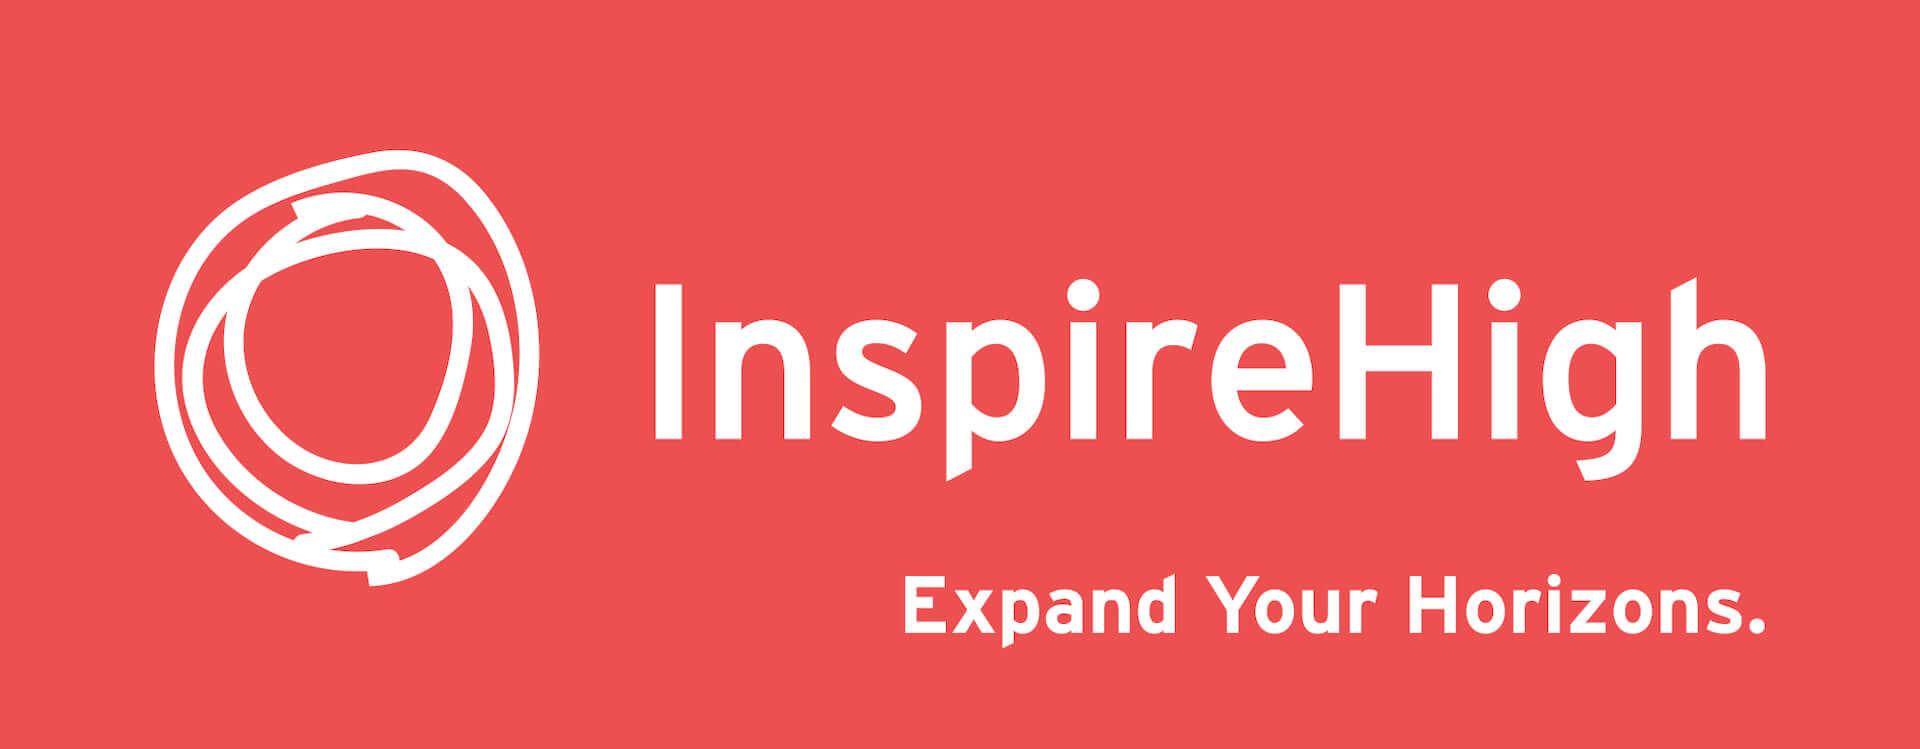 「なりたい自分」を増やすオンラインラーニングコミュニティ『Inspire High』がスタート!谷川俊太郎、辻愛沙子、ゆうこすらも参加 lifefashion200129_inspirehigh_6-1920x749